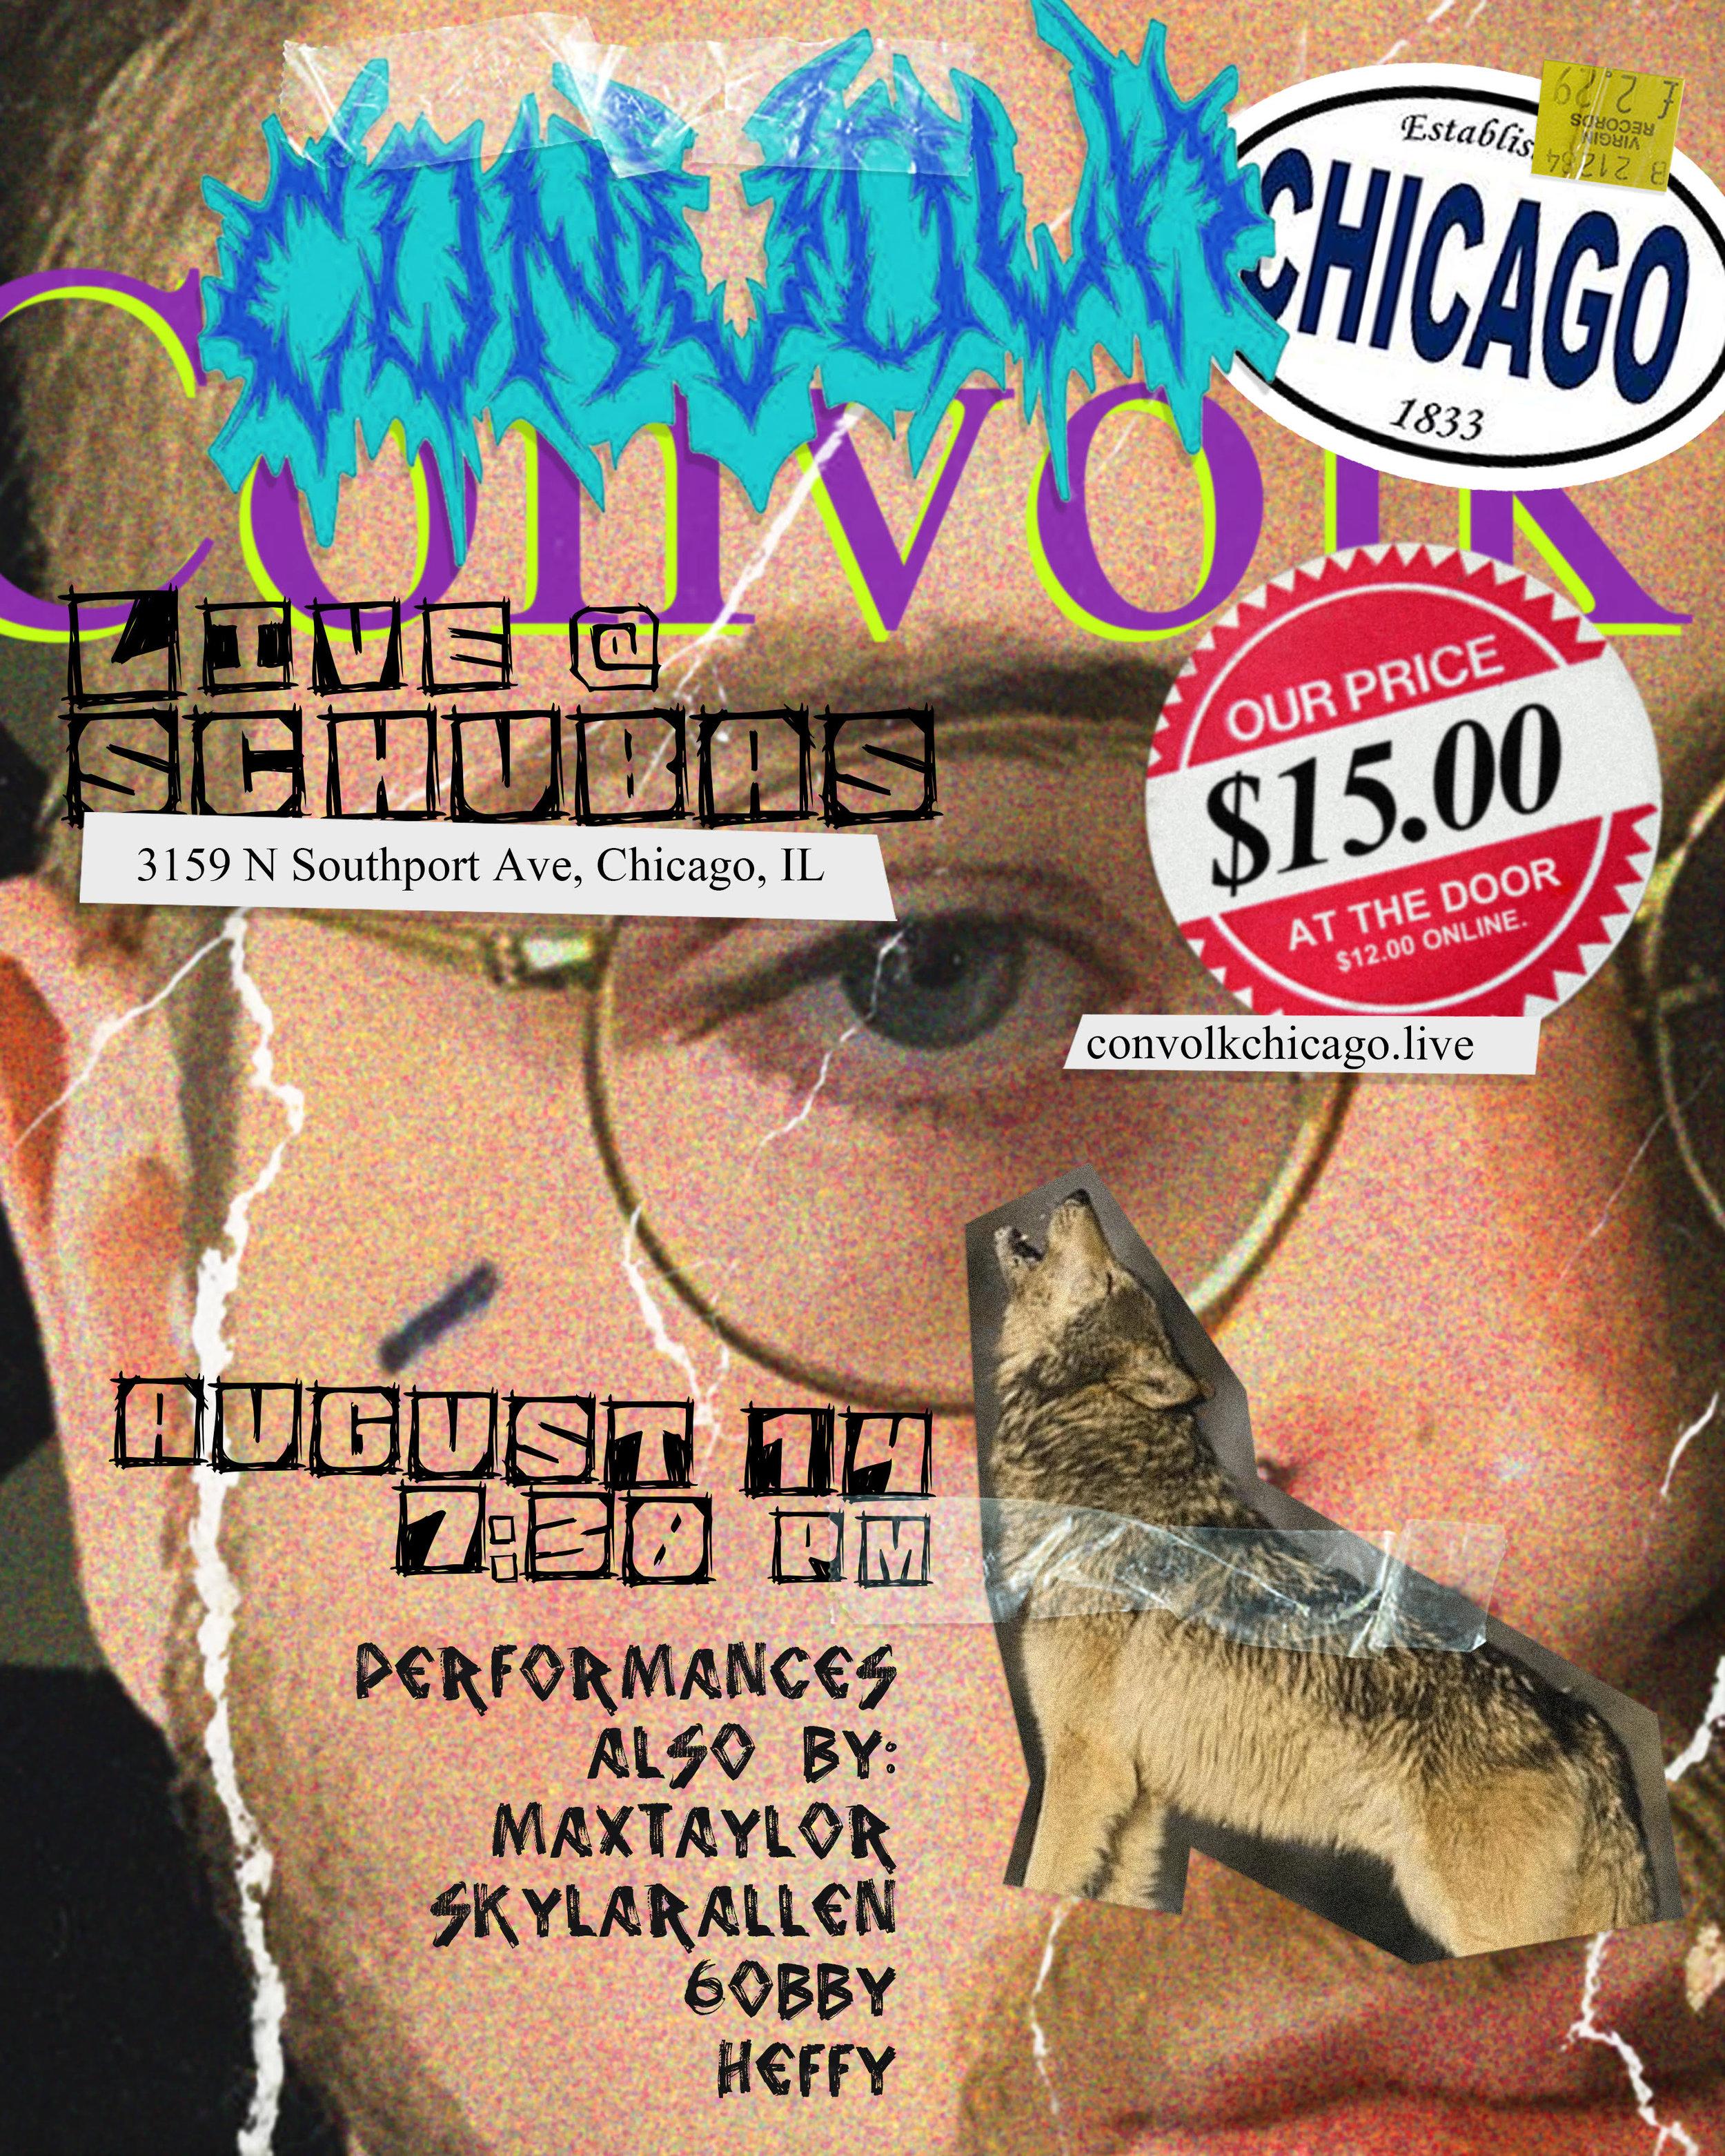 CONVOLK (CHICAGO) - CLICK HERE FOR TICKETS